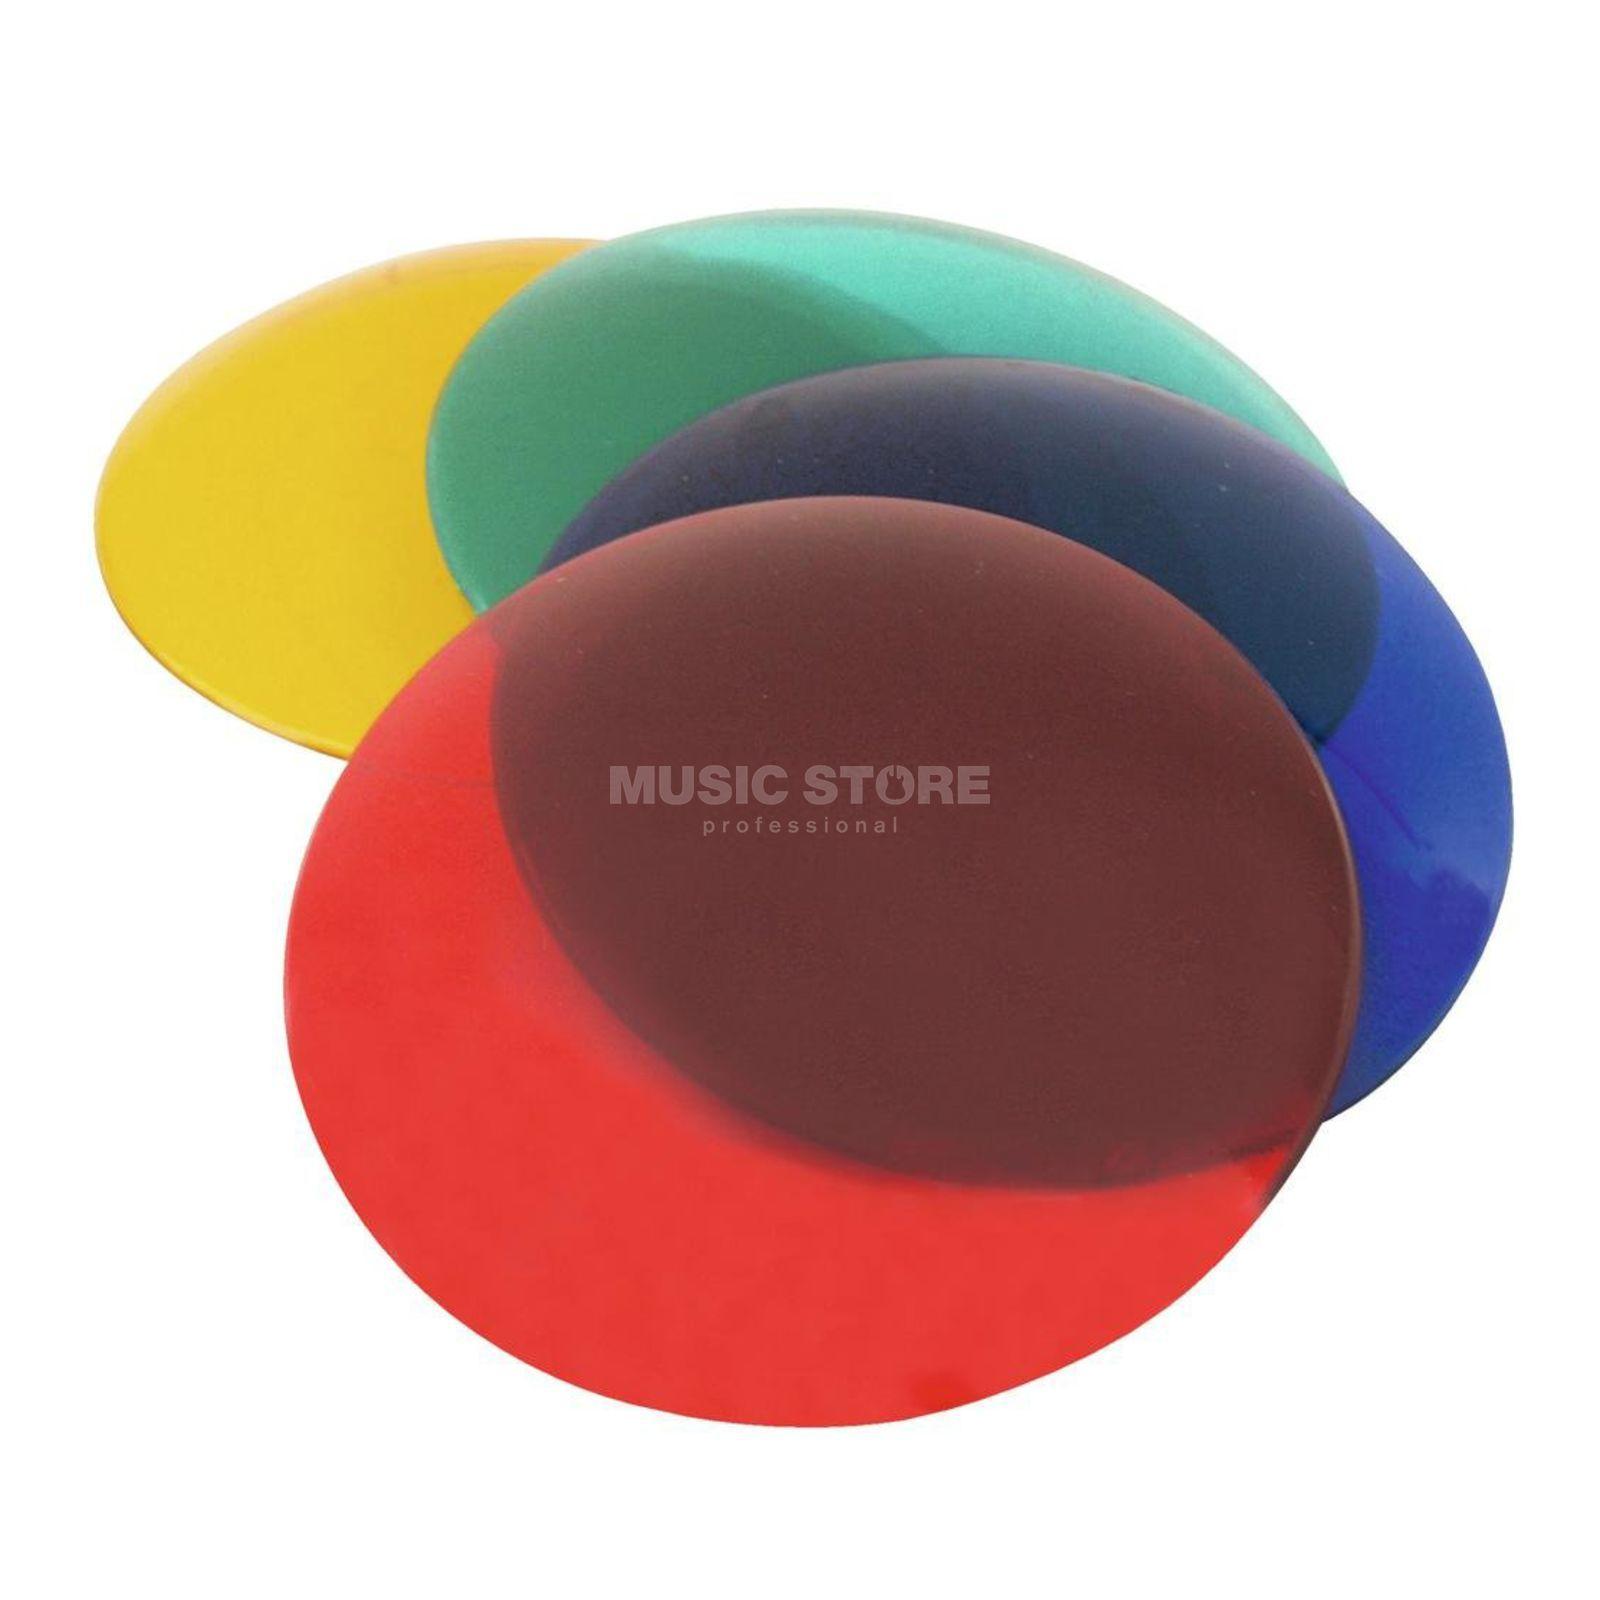 eurolite par 36 color cap 4er set rot gelb gr n blau. Black Bedroom Furniture Sets. Home Design Ideas